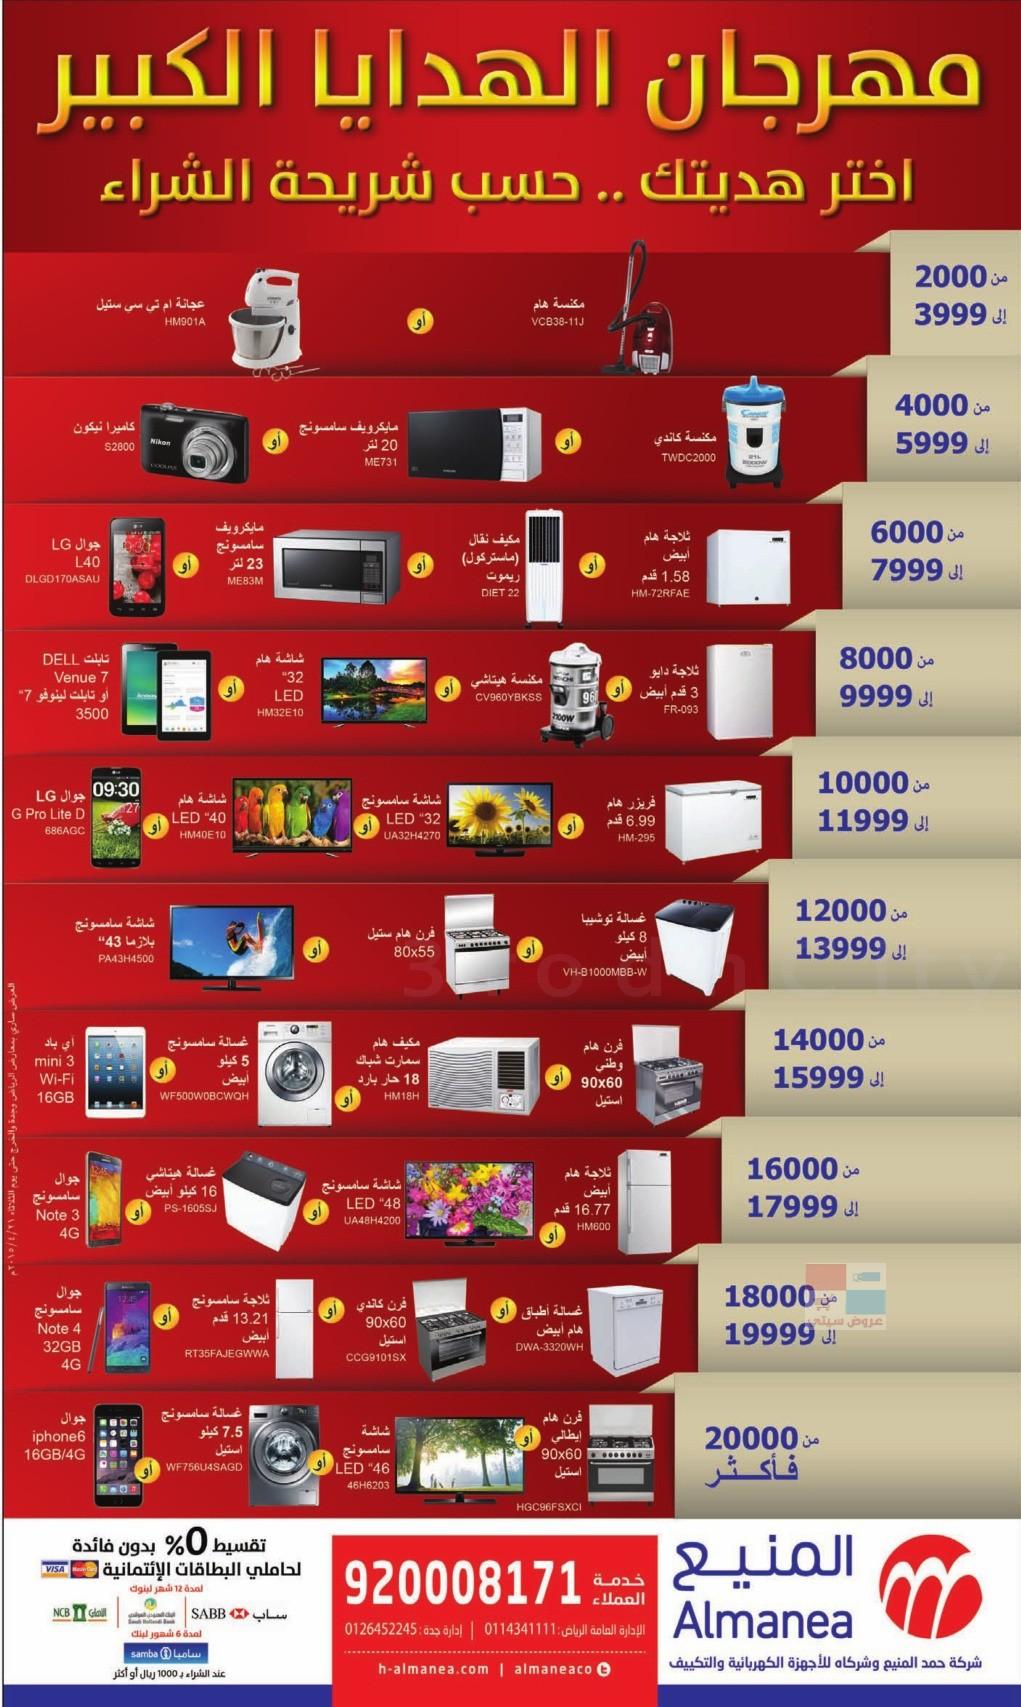 عروض ومهرجان الهدايا لدى المنيع وشركاء للآجهزة الكهربائية والتكيف 29d1q4.jpg